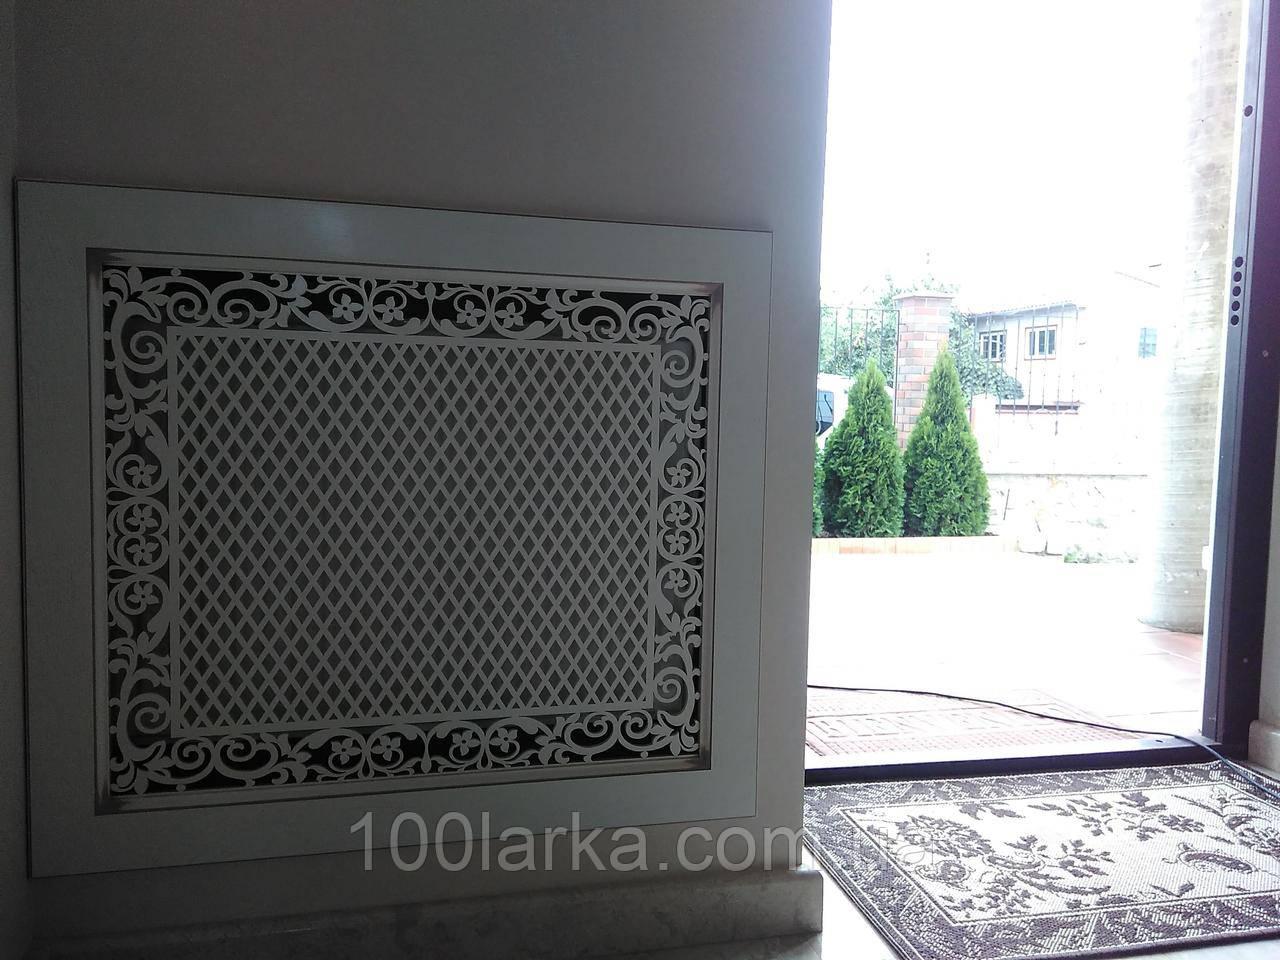 Екрани (фасад) на радіатори опалення МДФ, різьблена решітка №55